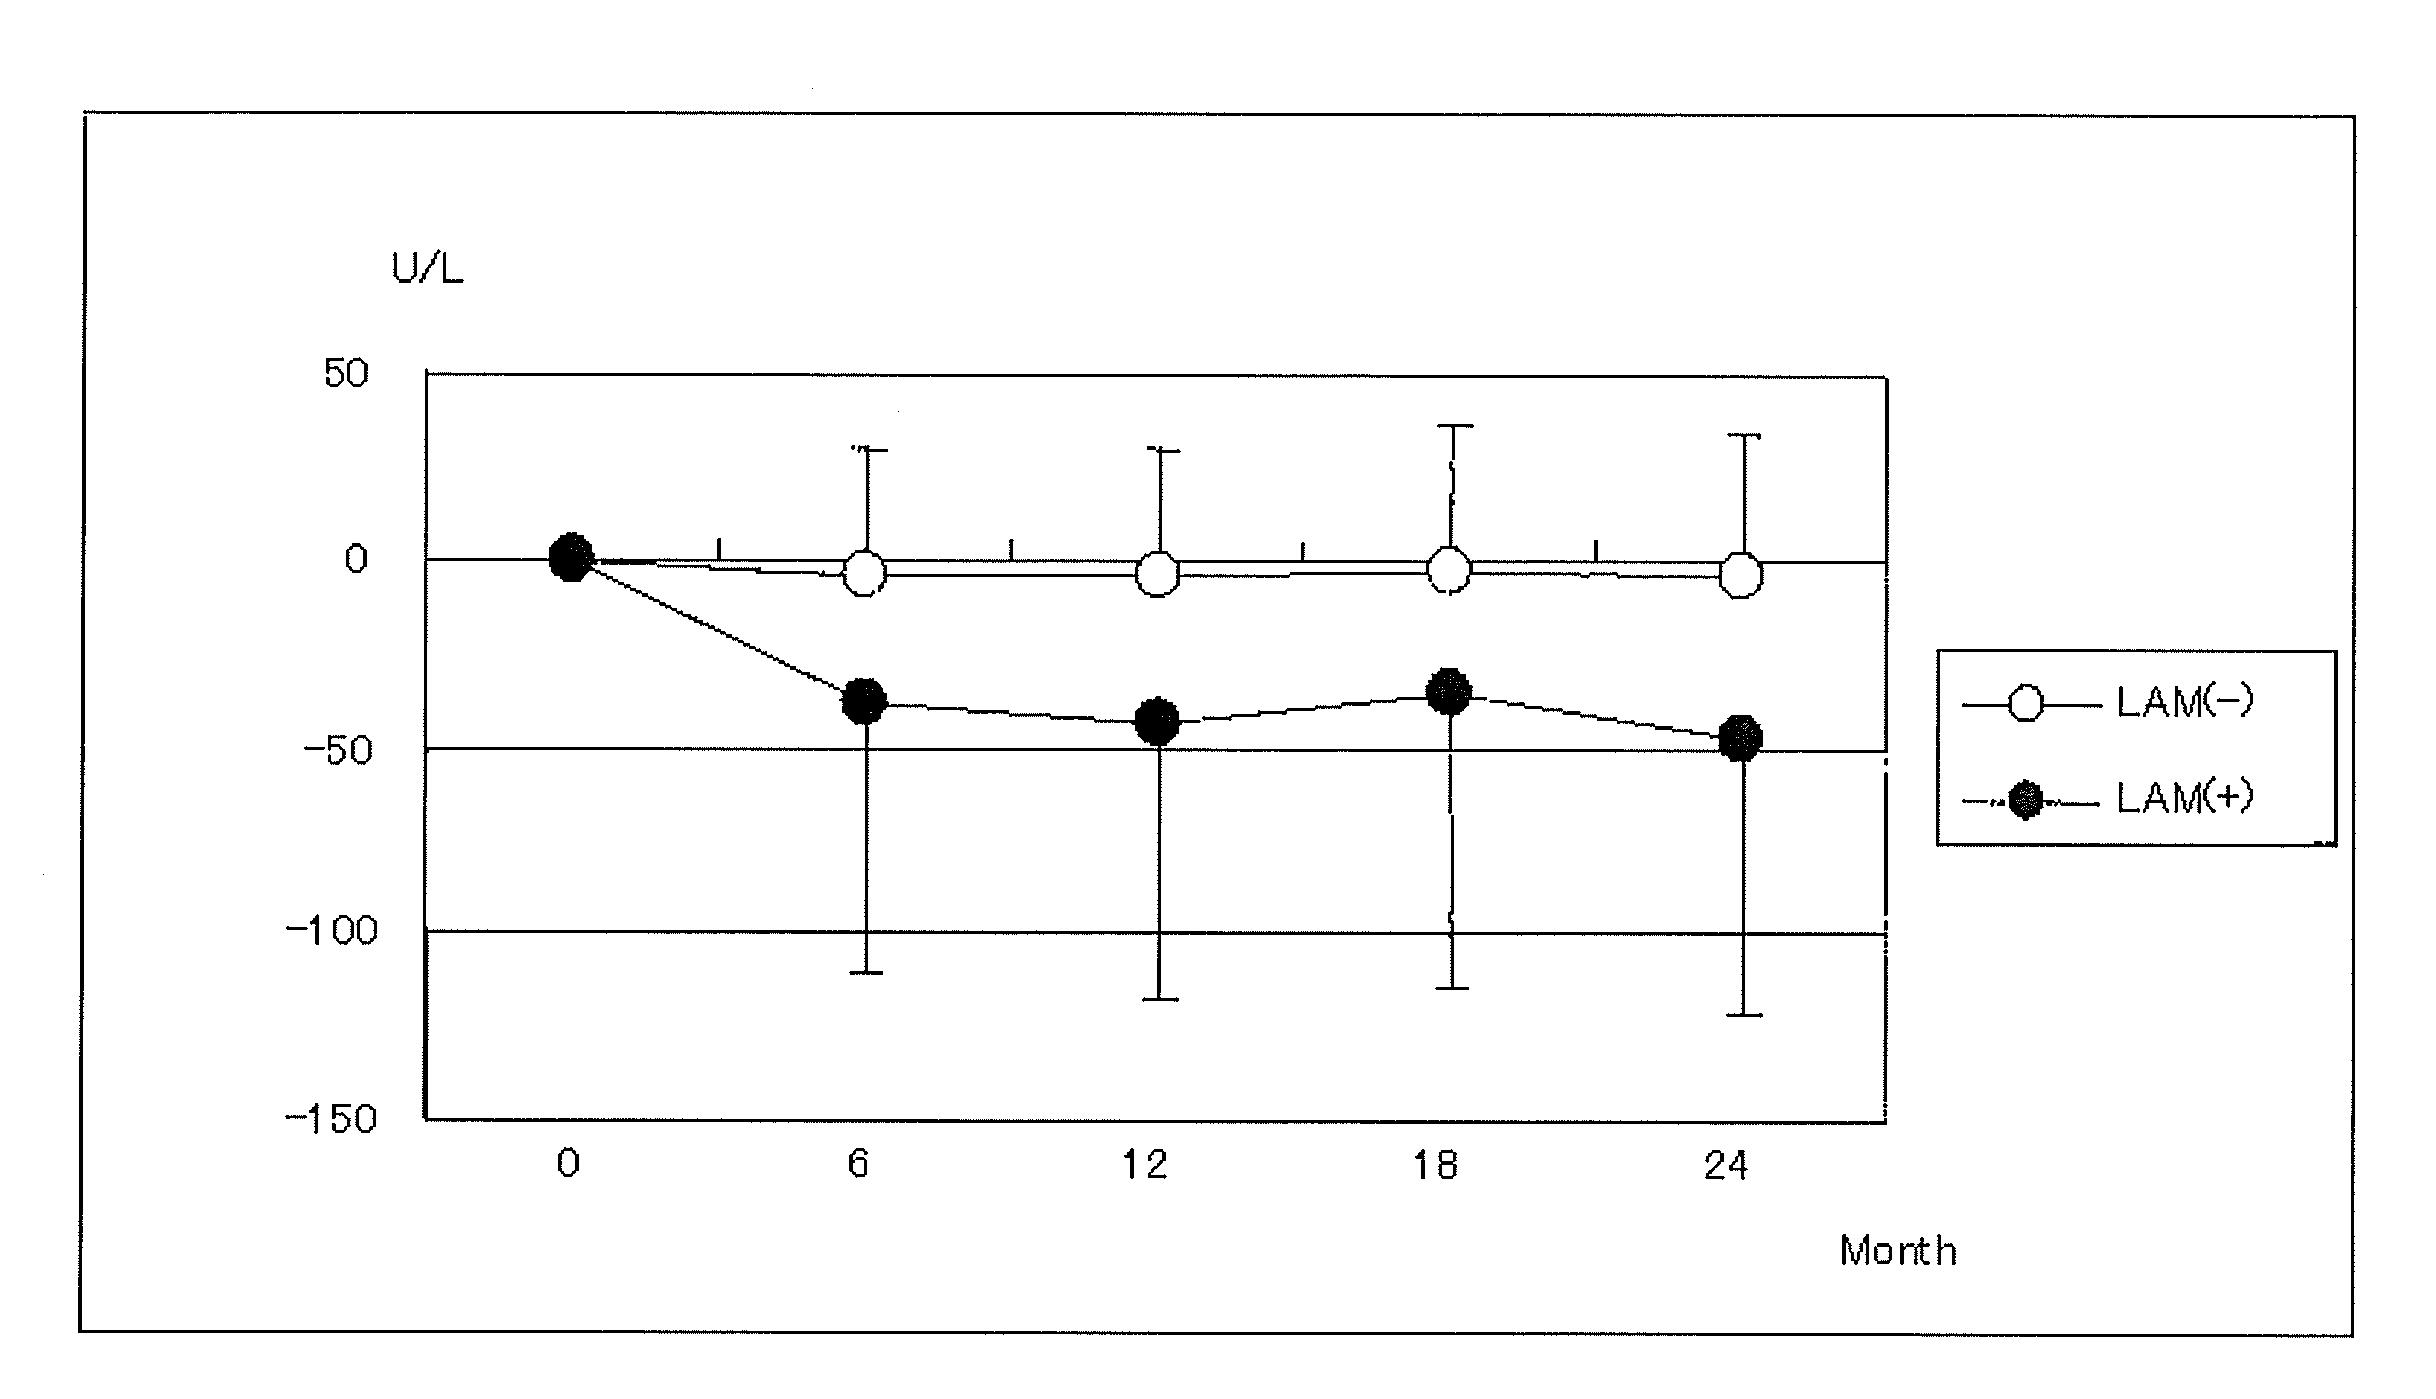 WO2010150836A1 - 核酸アナログの活性増強剤 - Google Patents